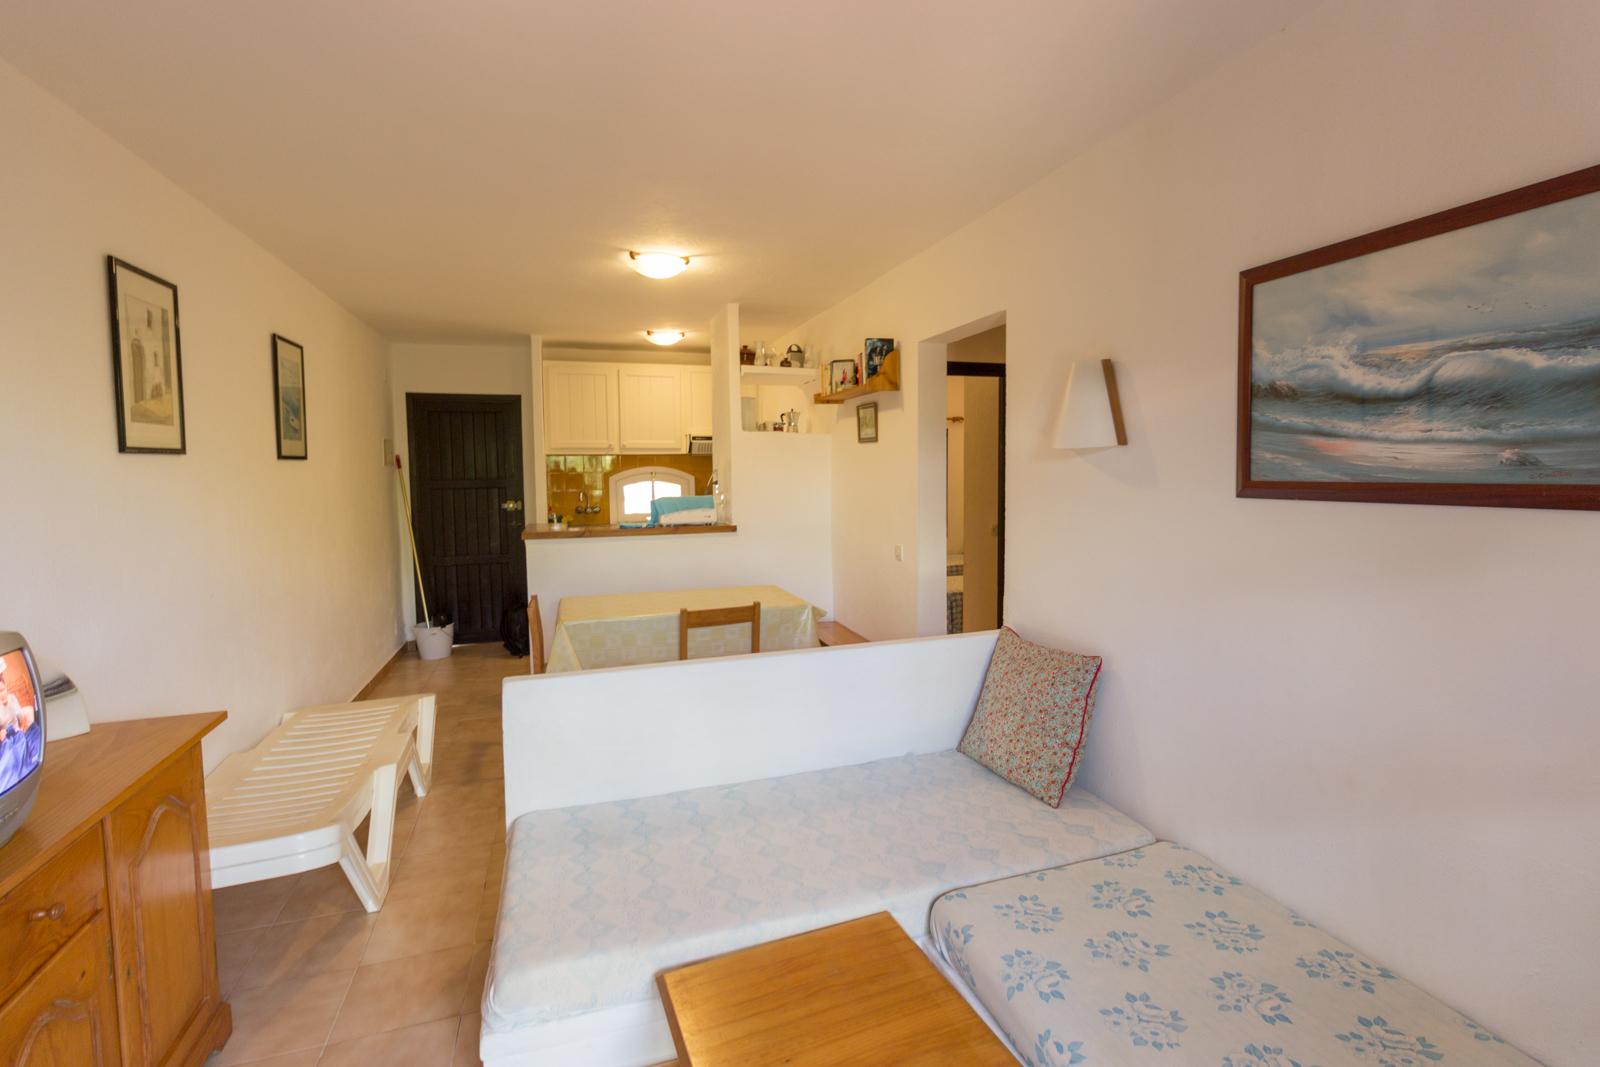 Wohnung in Son Parc Ref: M7728 (2) 4